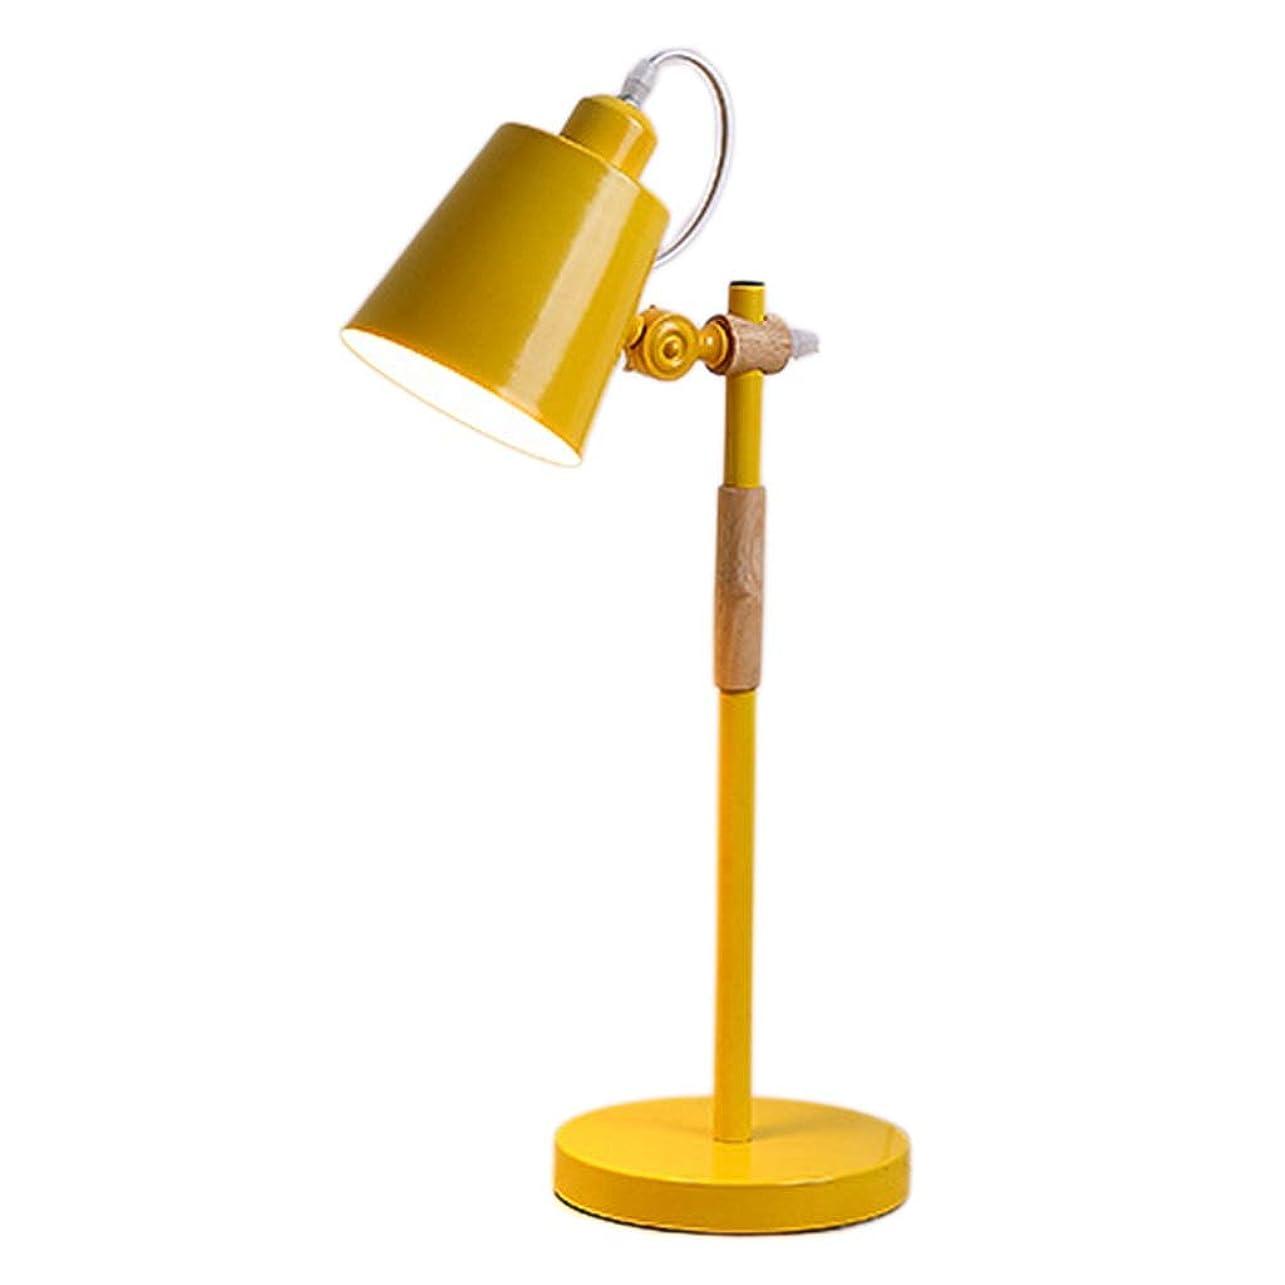 肉腫悪質な部分的に北欧インテリア眼の保護デスクランプ、ベッド電源スイッチ照明器具E27と一緒に勉強ルーム読書ルーム (Color : Yellow 7W warm light)